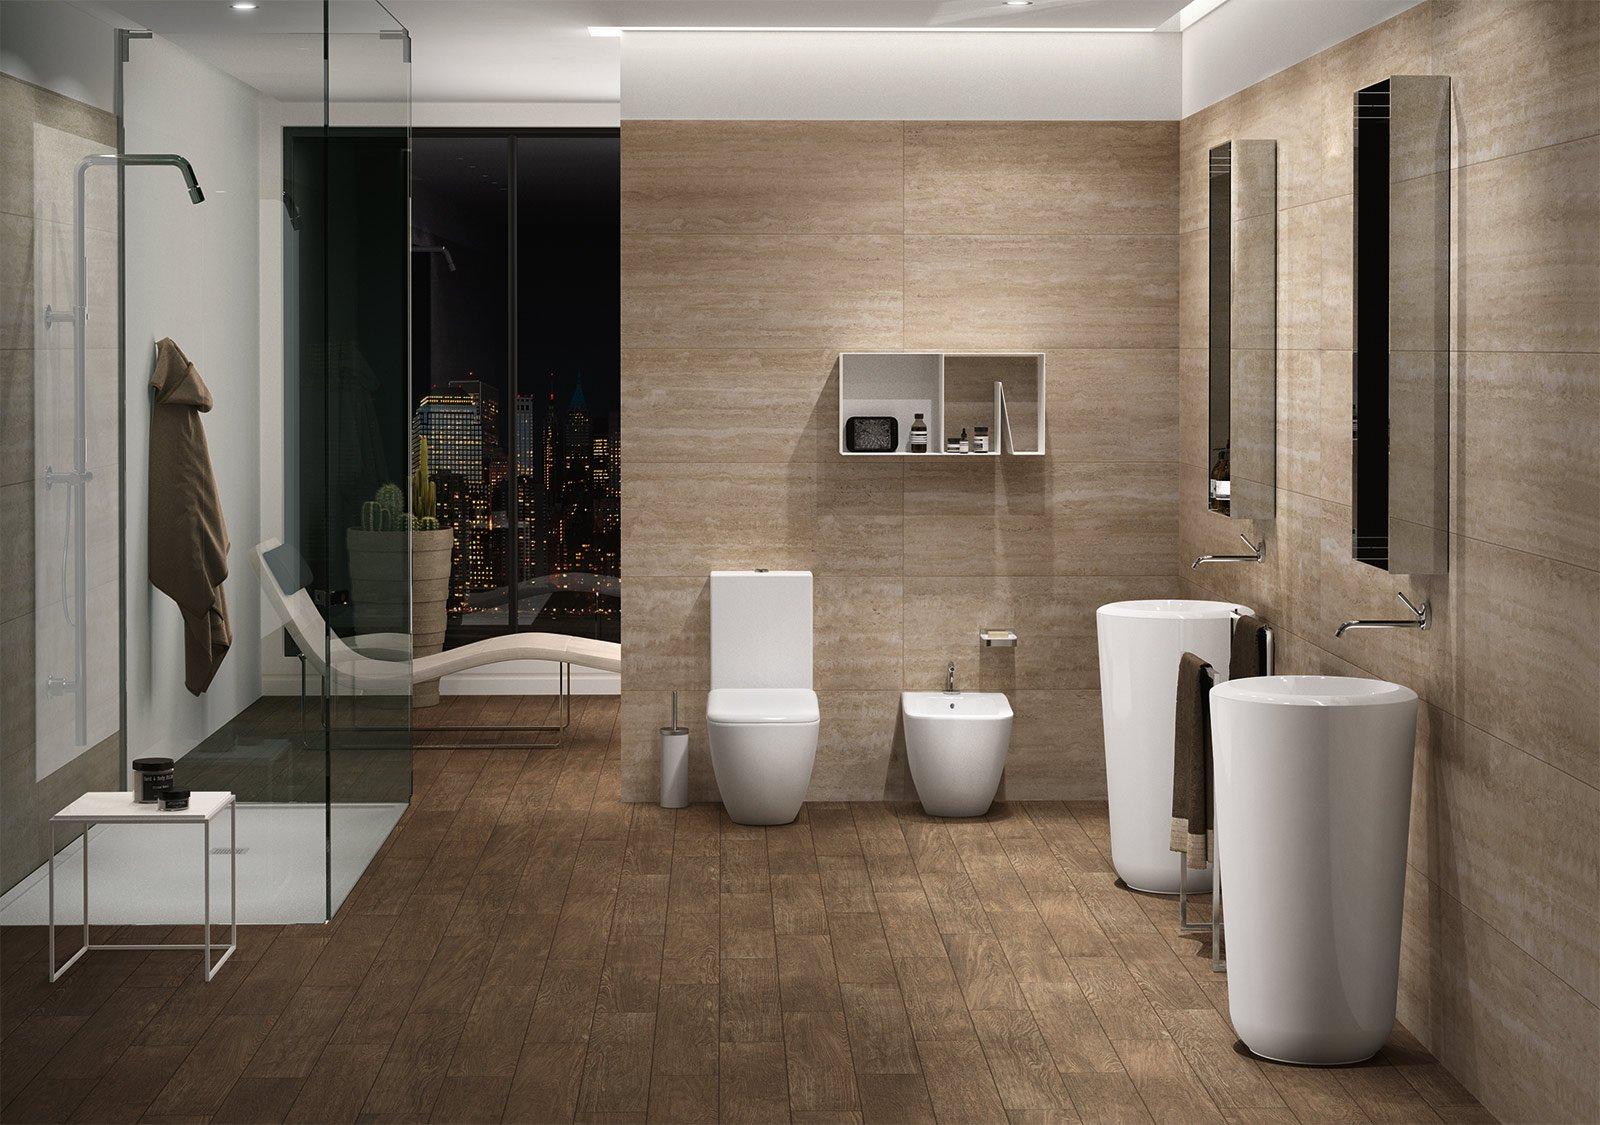 Lavabo e mobile bagno novit viste al cersaie cose di casa for Bagni belli